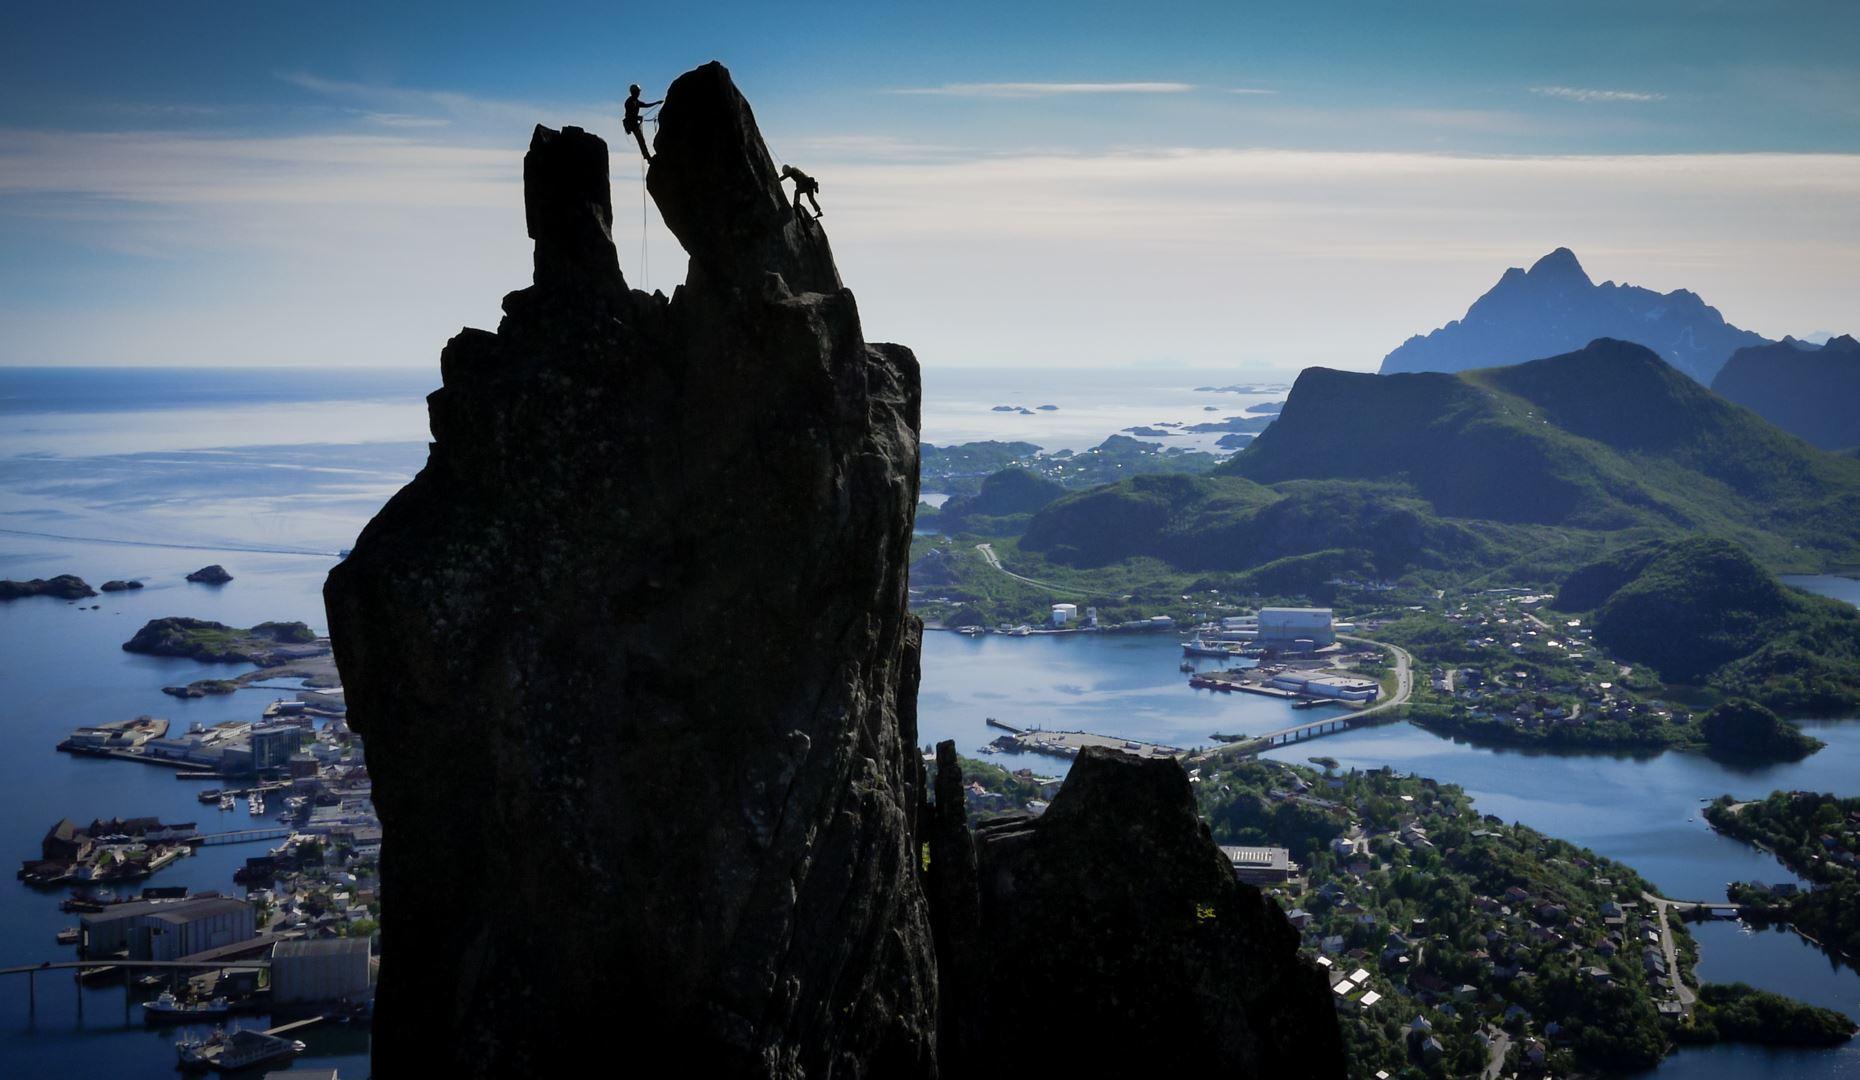 © Northern Alpineguides, Climb Svolværgeita - Northern Alpine guides